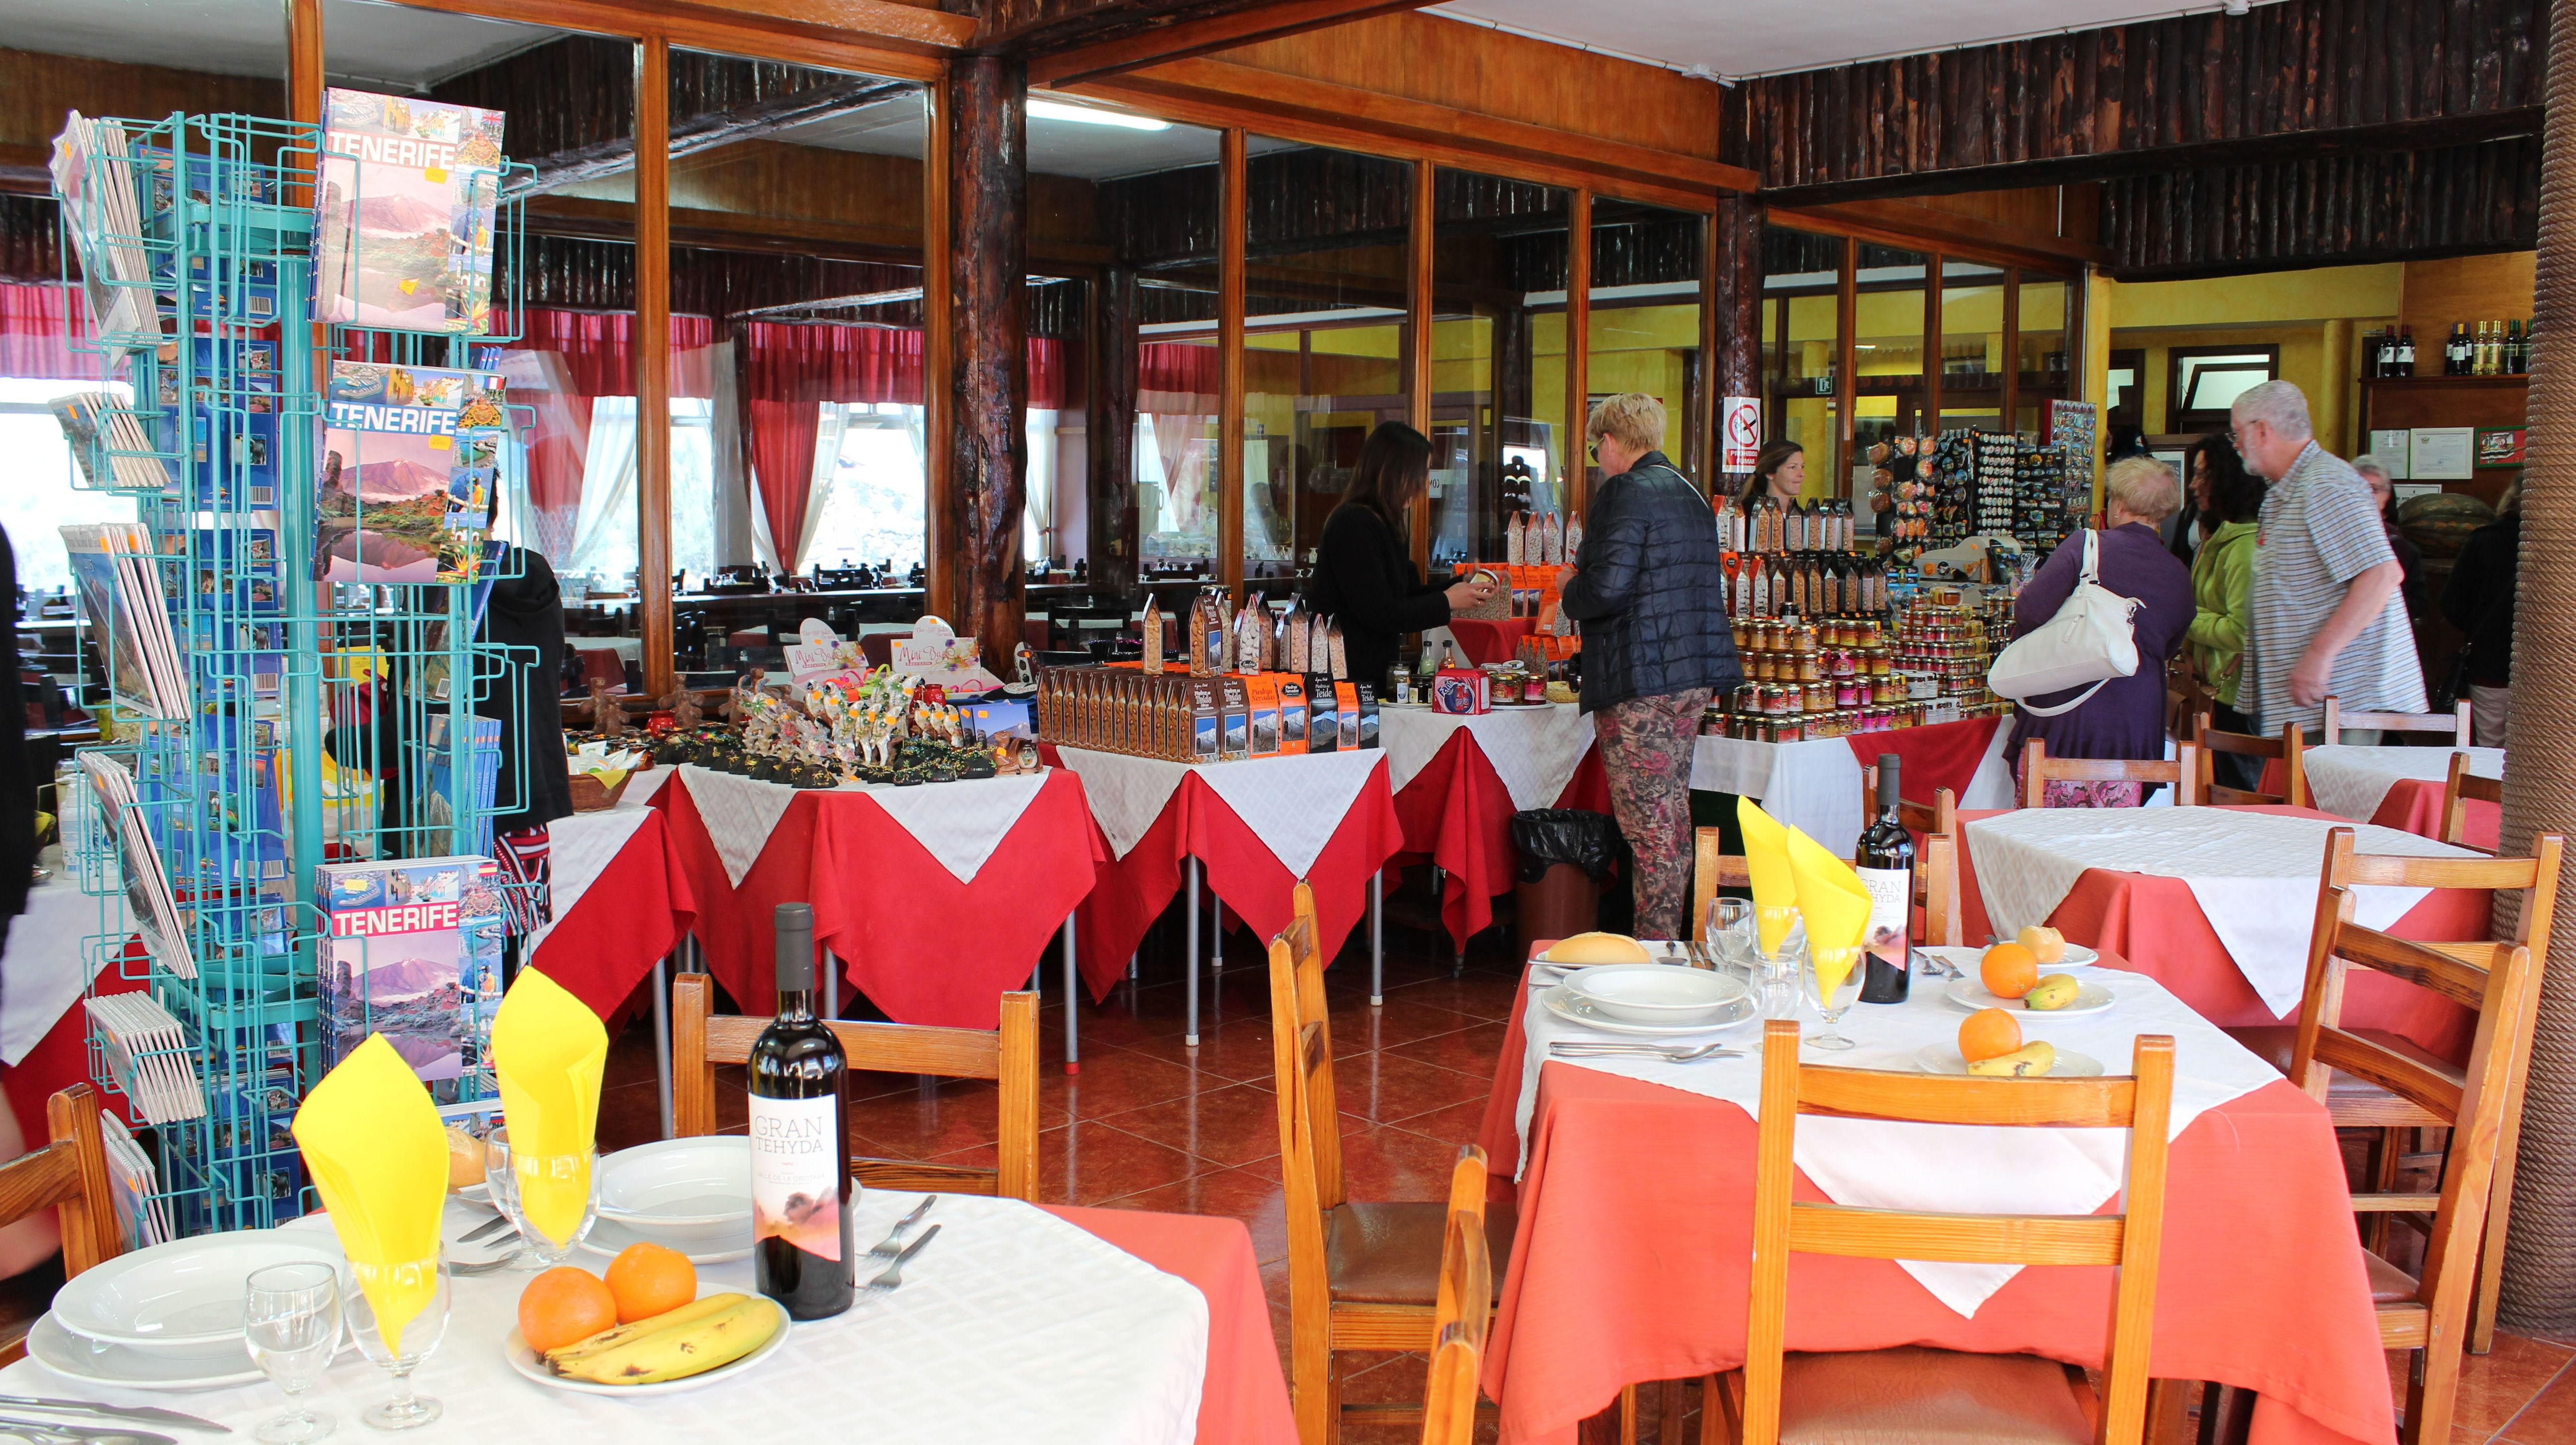 Restaurante con comida típica canaria